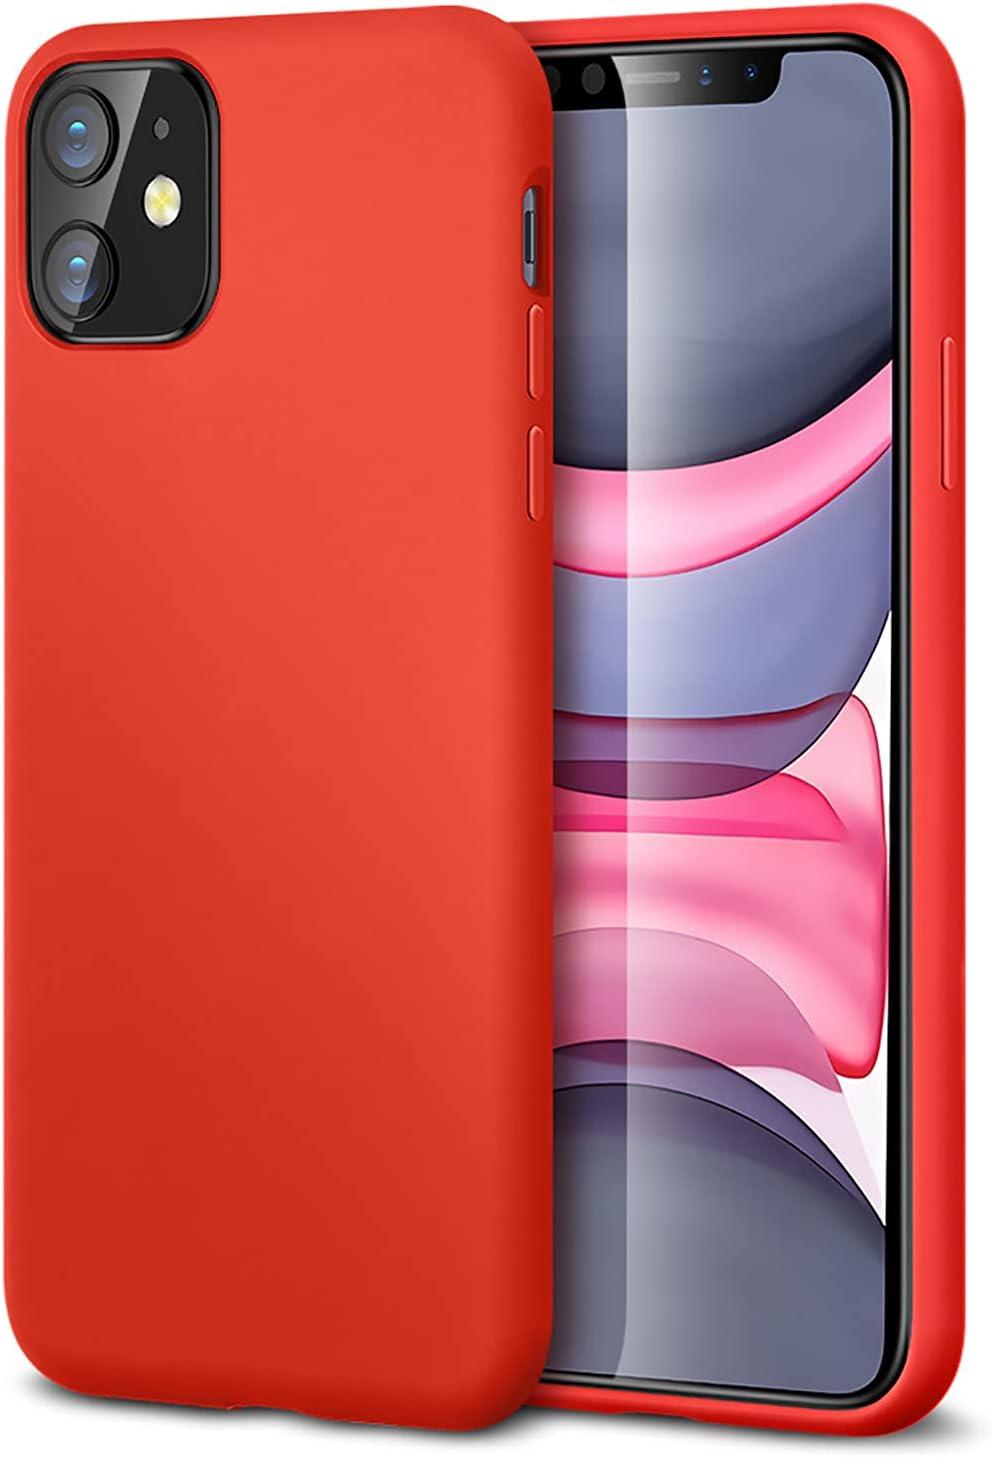 """ESR Funda Serie Yippee Color Soft para iPhone 11, Funda Suave de Silicona Líquida, Cómodo Agarre, Protección para Pantalla y Cámara, Absorción de Golpes. para iPhone 11 6,1"""".Rojo."""